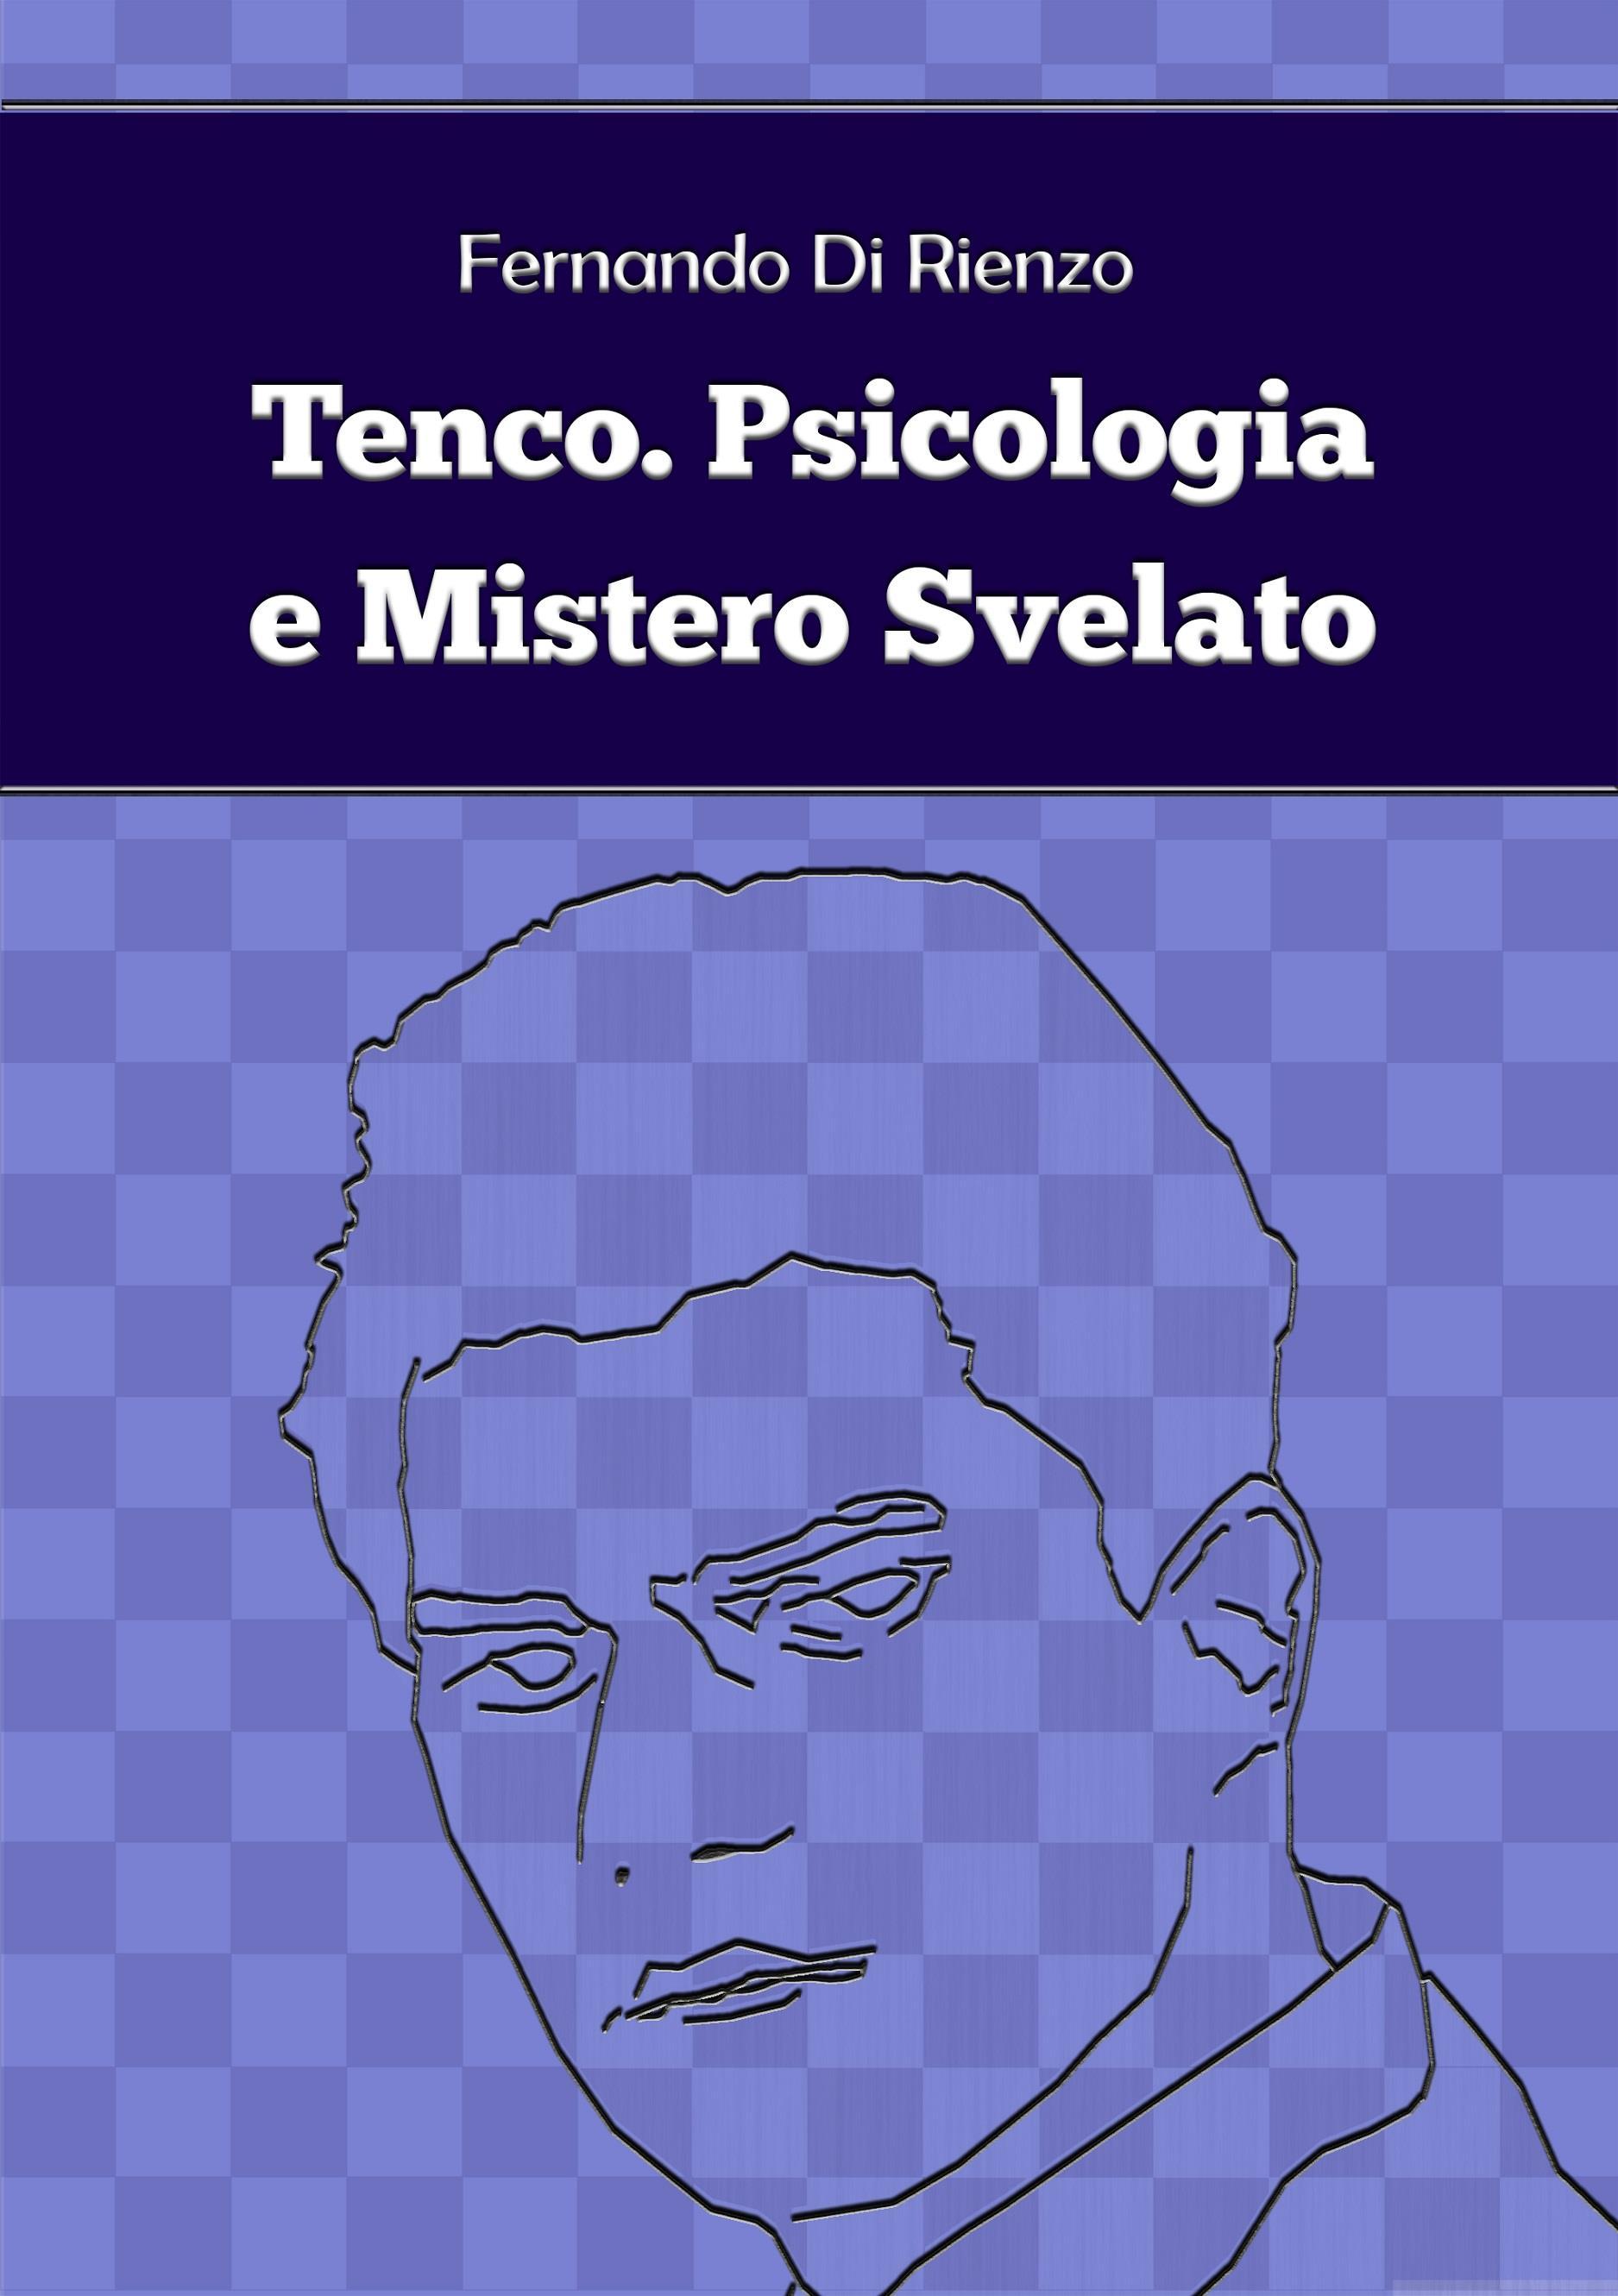 Tenco. Psicologia e Mistero Svelato